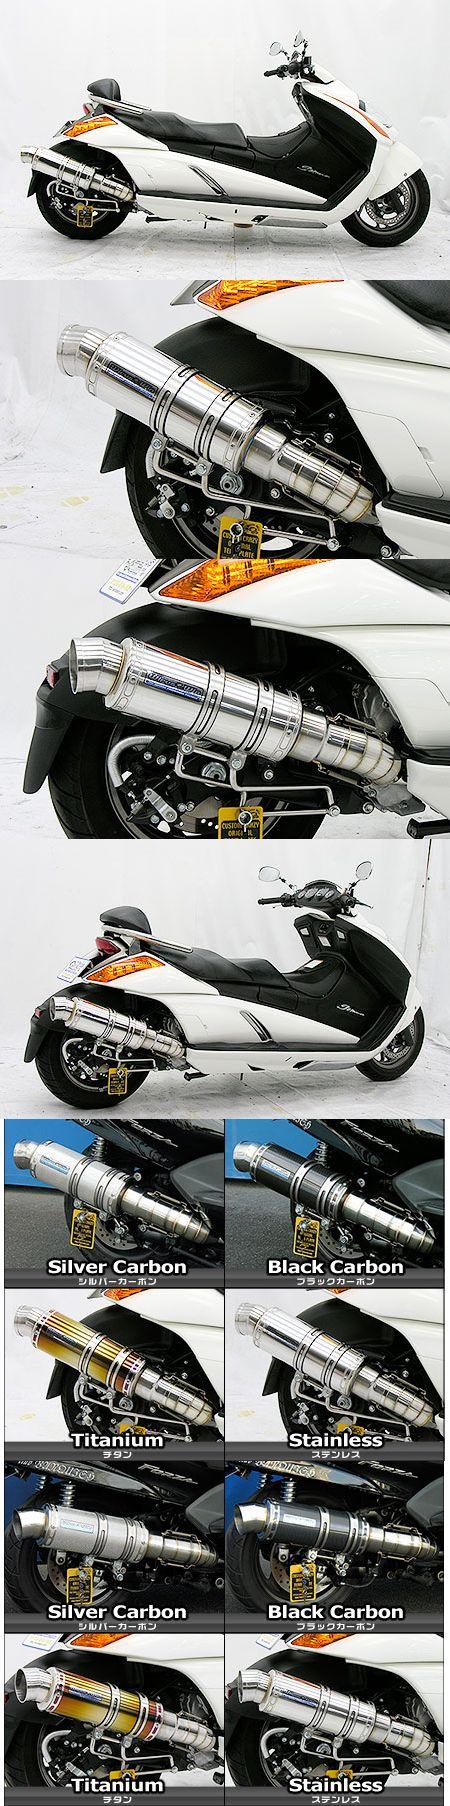 Premium全段排氣管 不鏽鋼款式